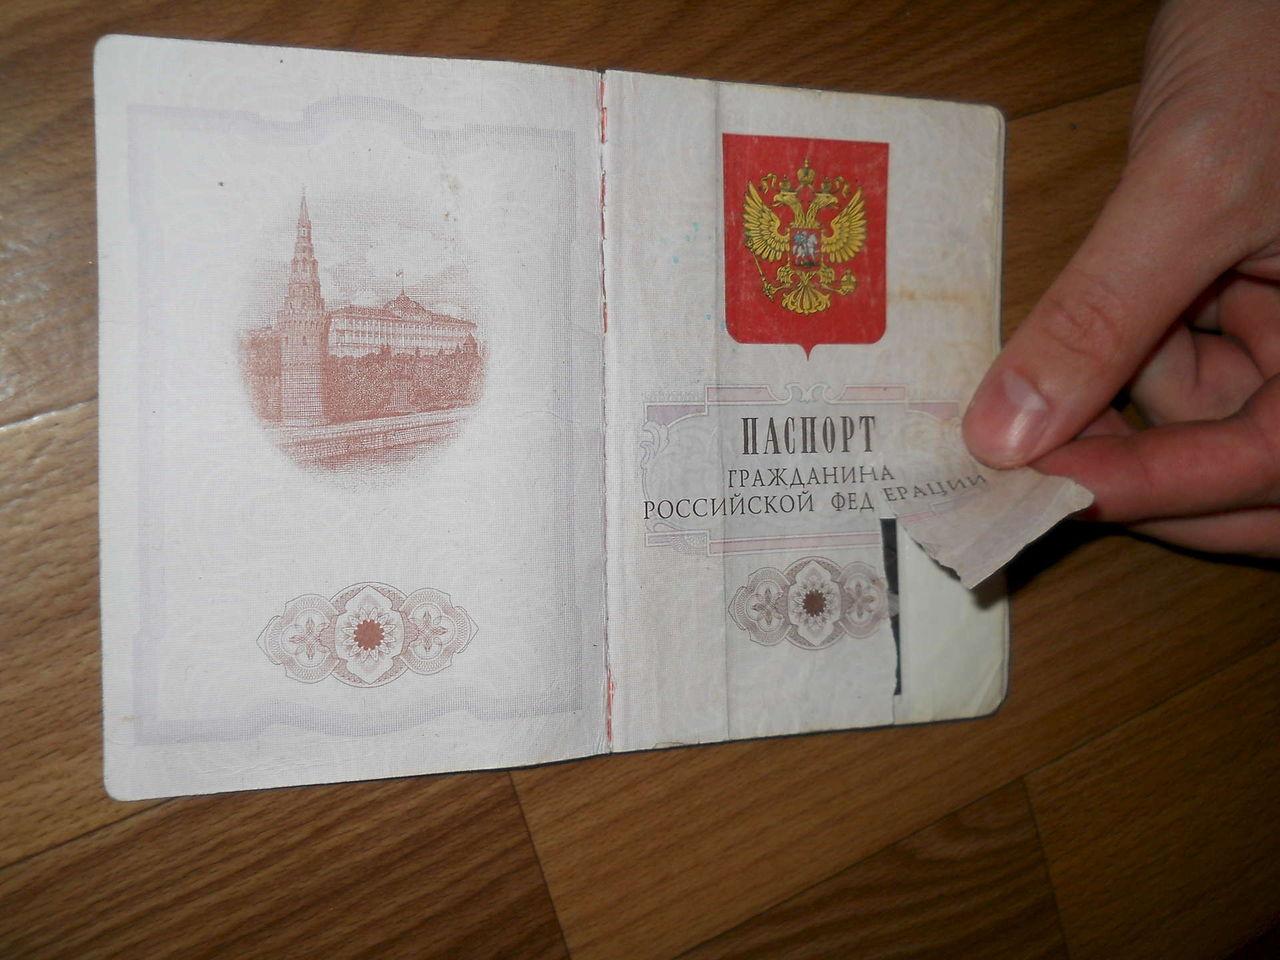 Как в домашних условиях поменять фото в паспорте в